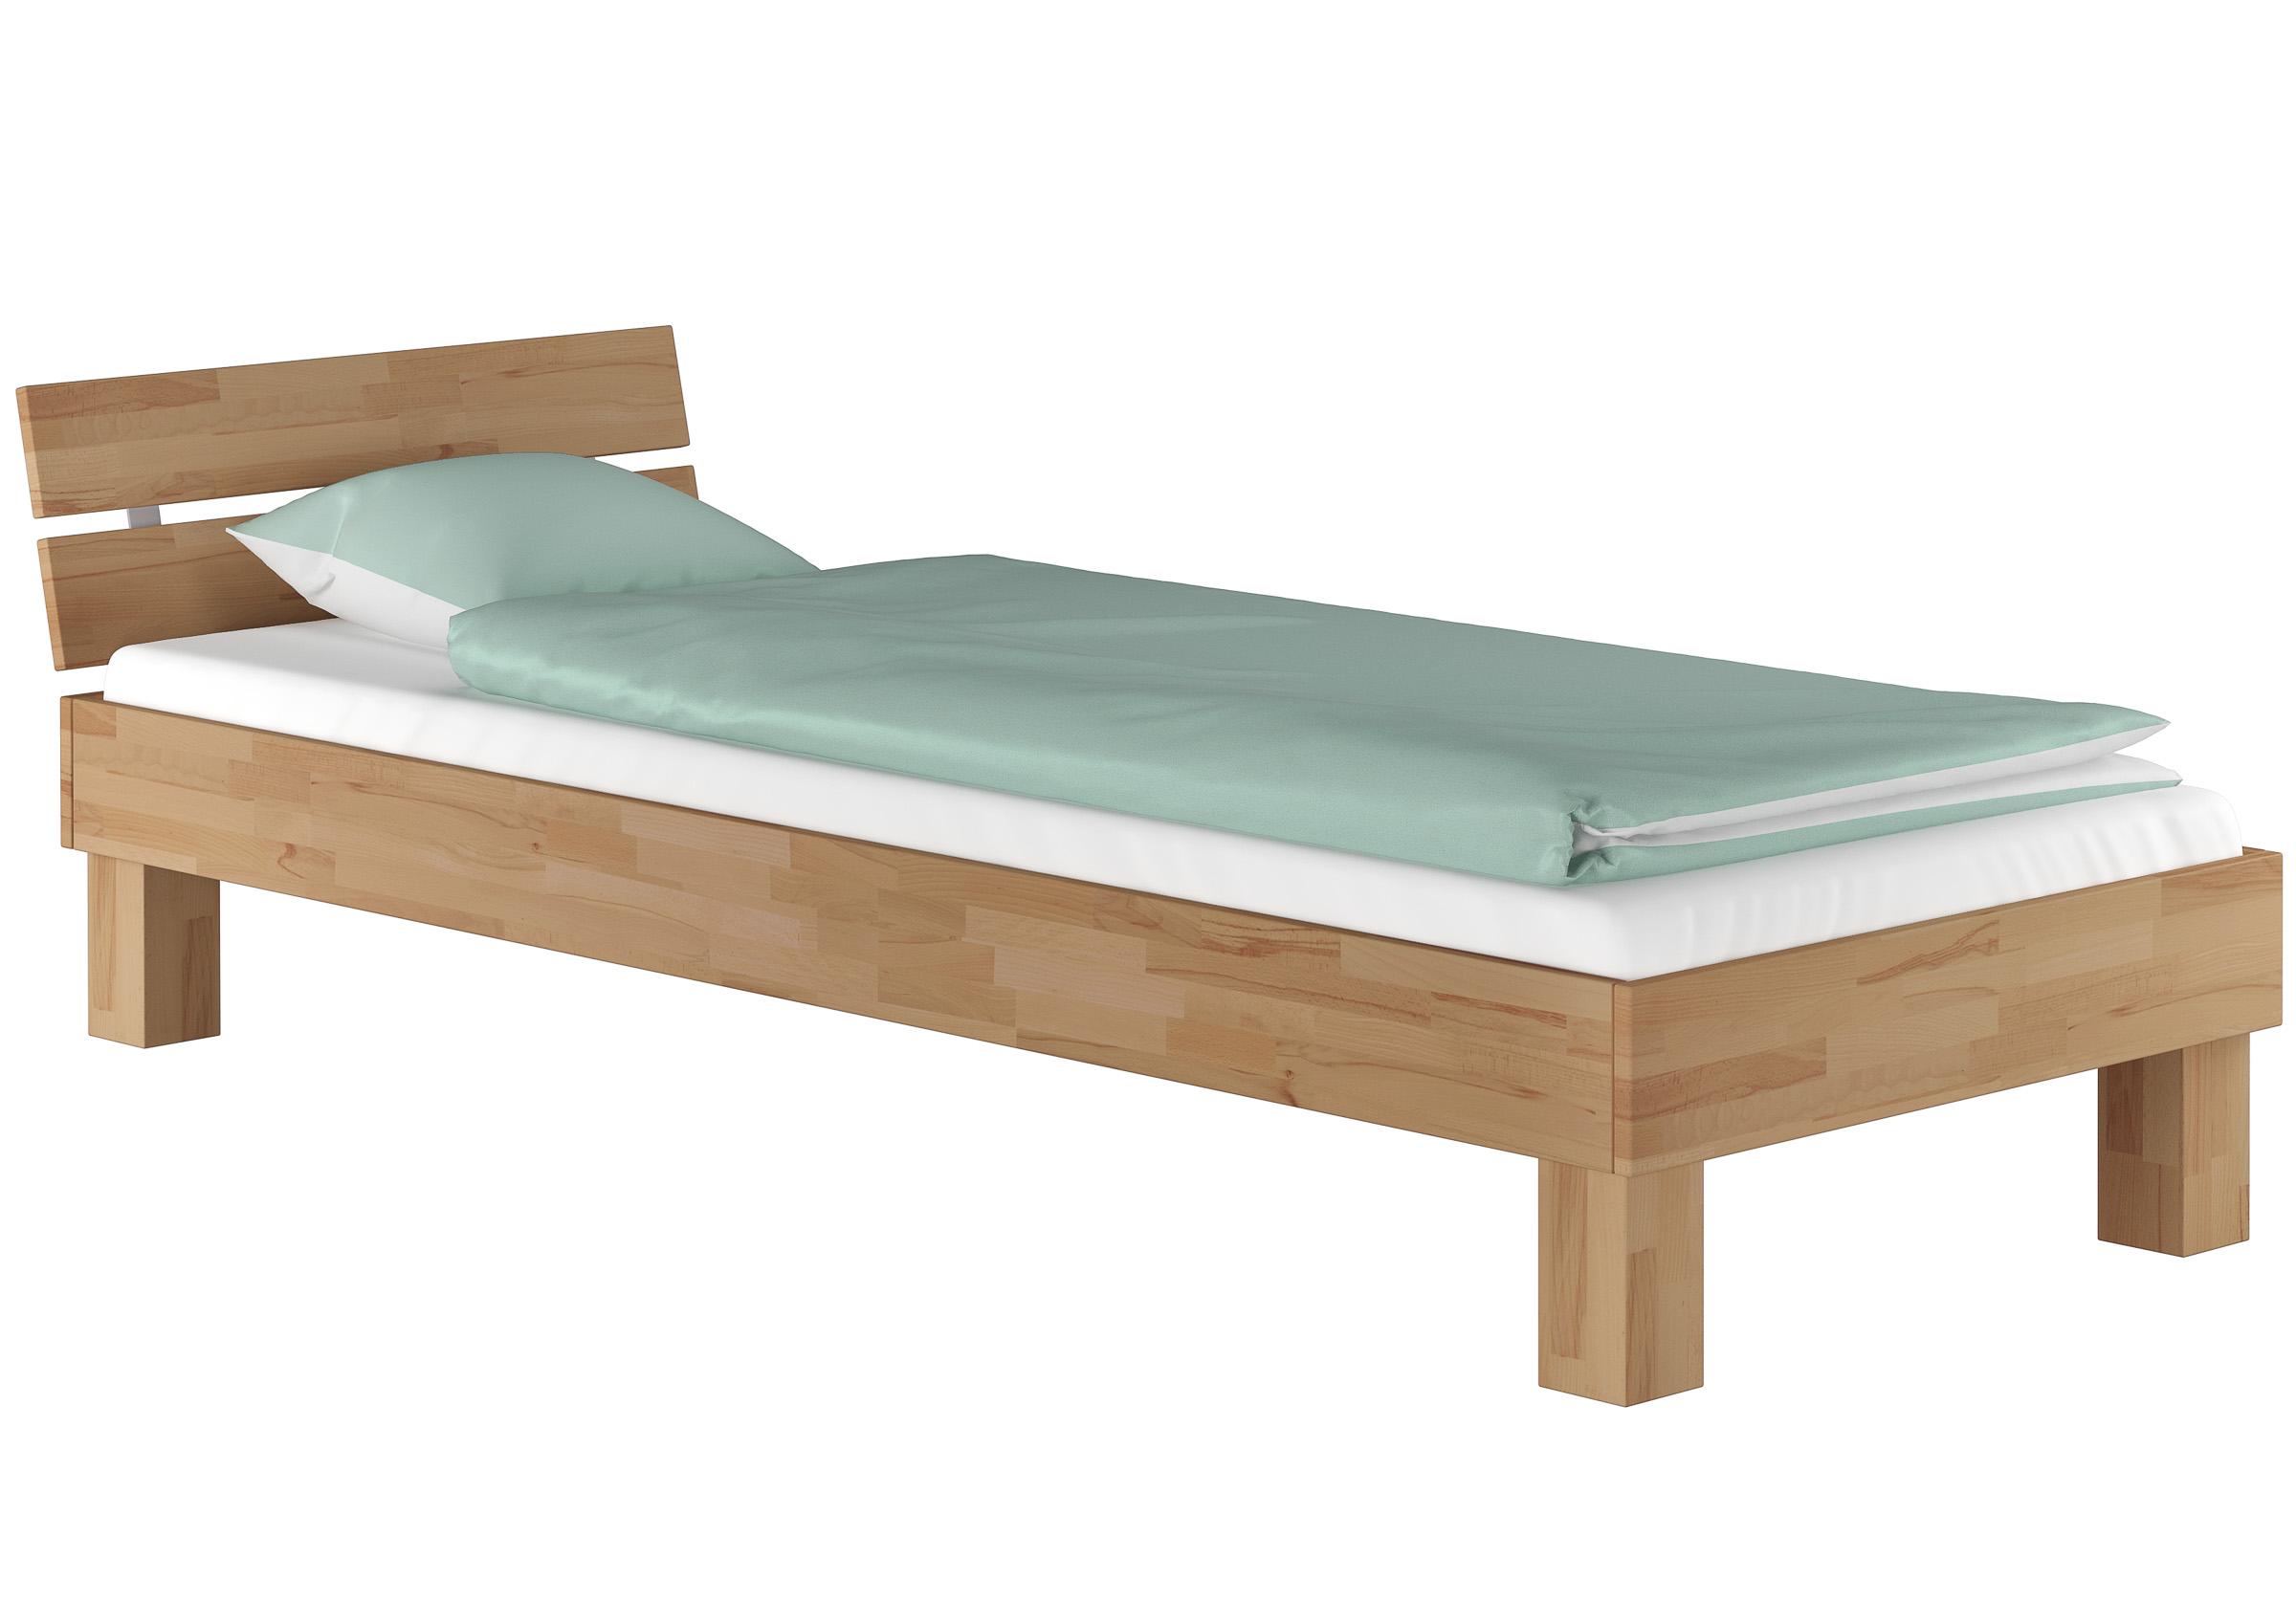 Full Size of Bett Einzelbett Mit Rutsche 2m X Betten überlänge Moebel De Konfigurieren Lifetime 180x200 Schlafzimmer Set Boxspringbett Lattenrost Aus Paletten Kaufen Bett Bett Einzelbett